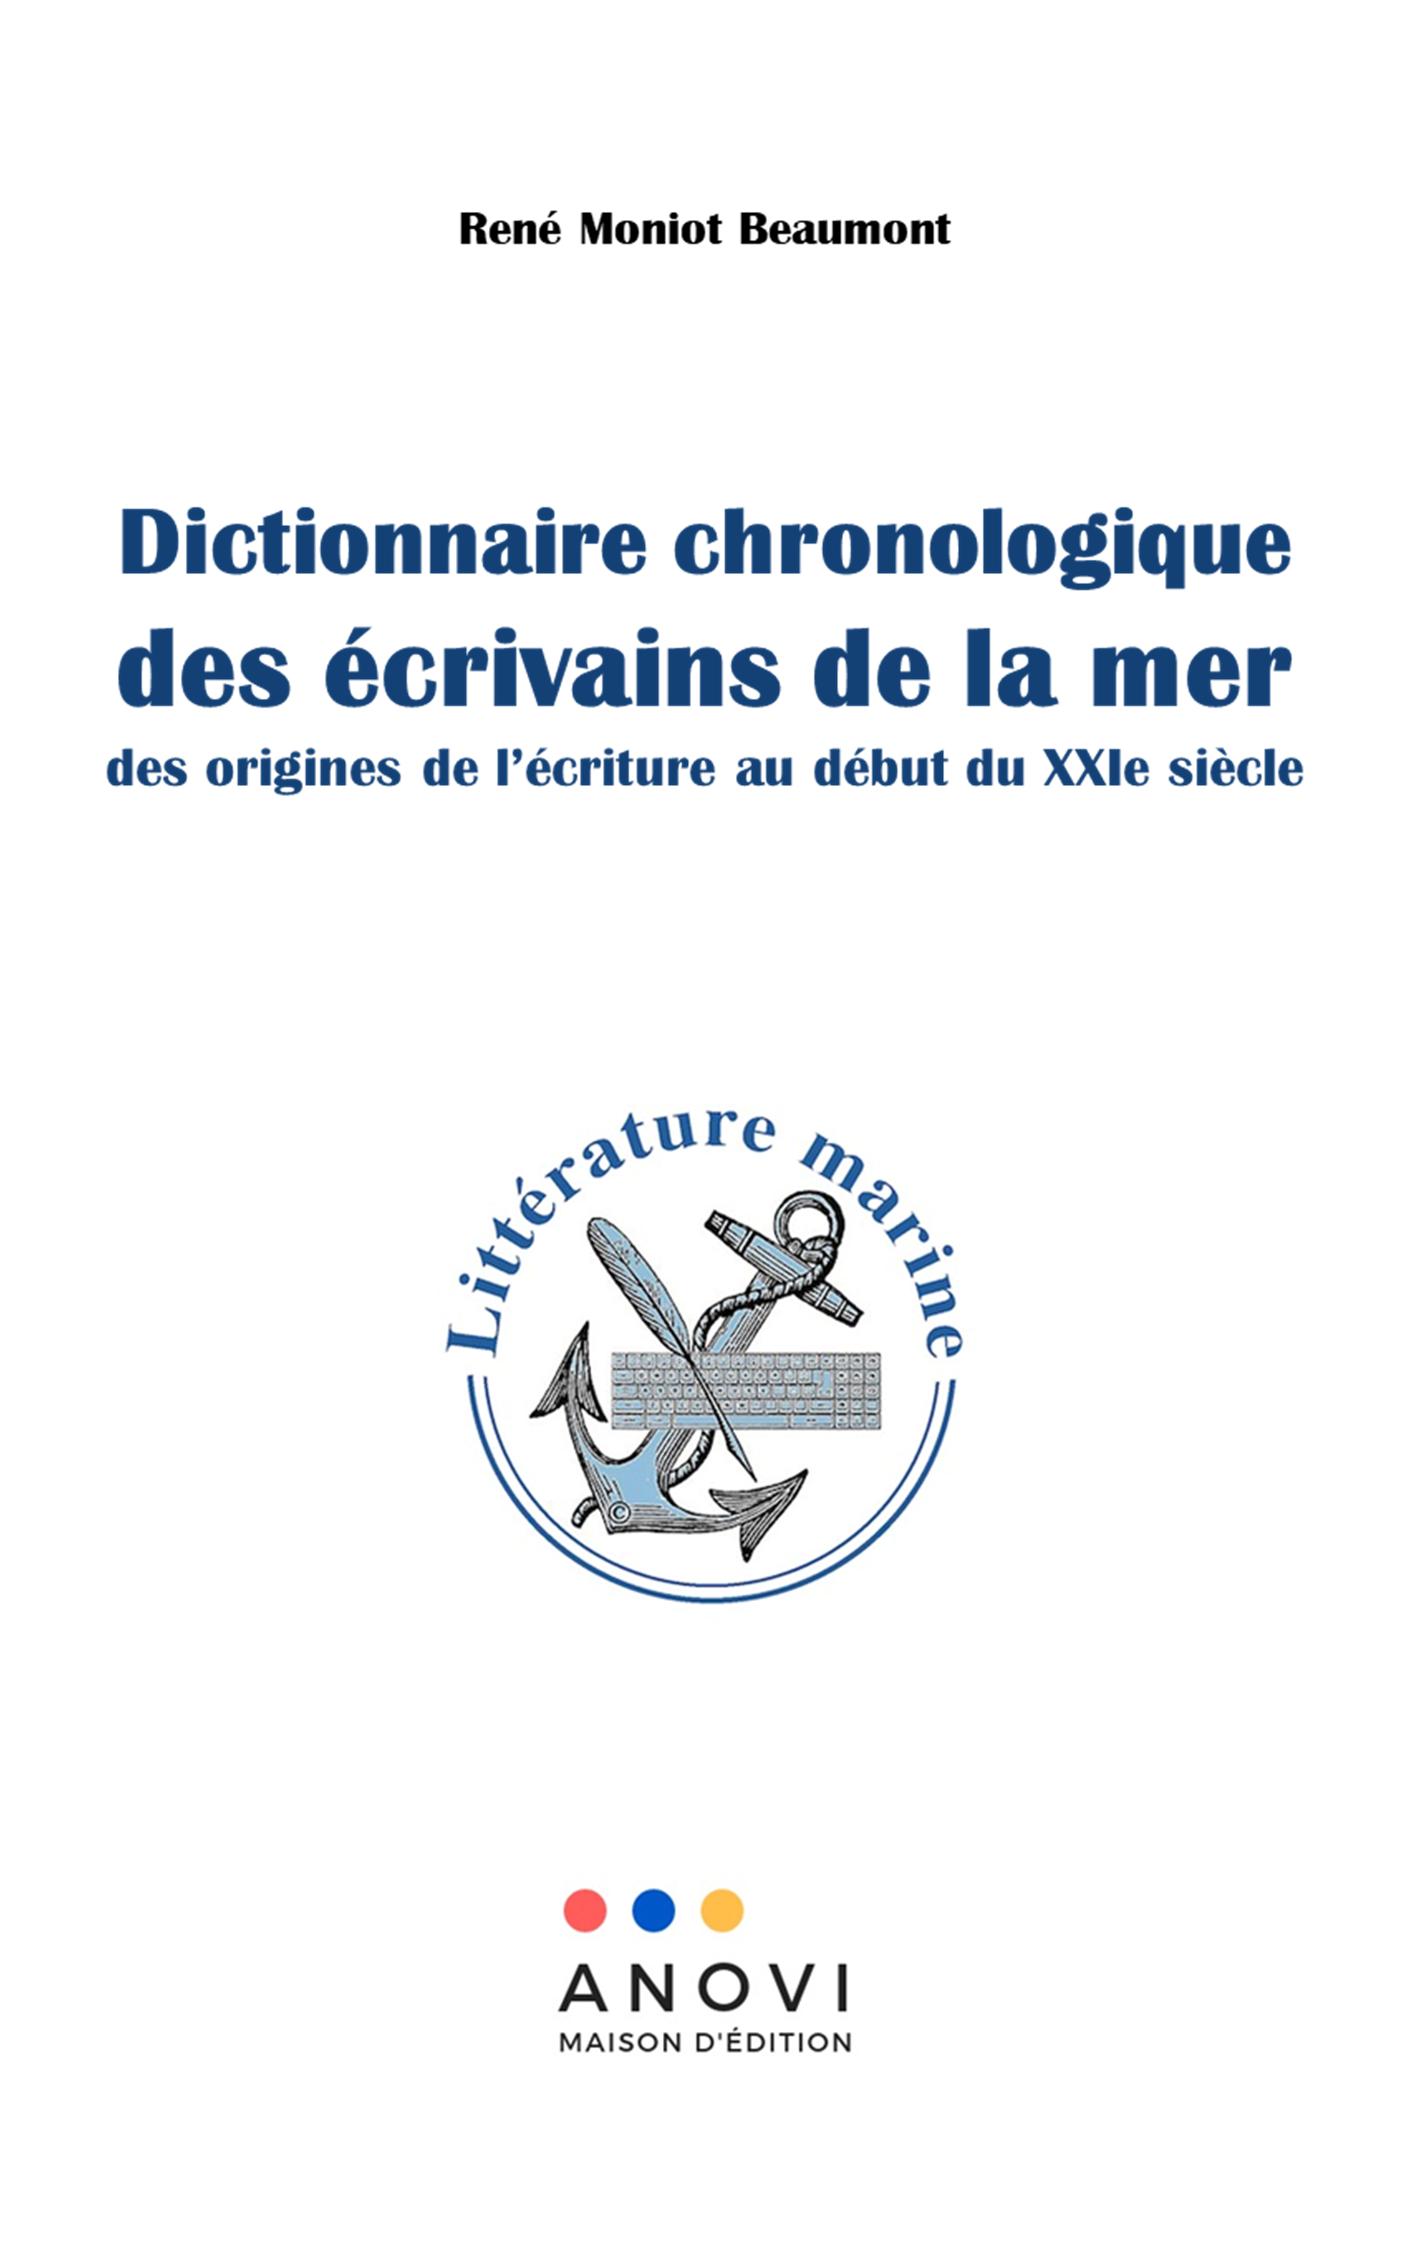 Dictionnaire chronologique des écrivains de la mer: des orignes de l'écriture au début du XXIe siècle Image